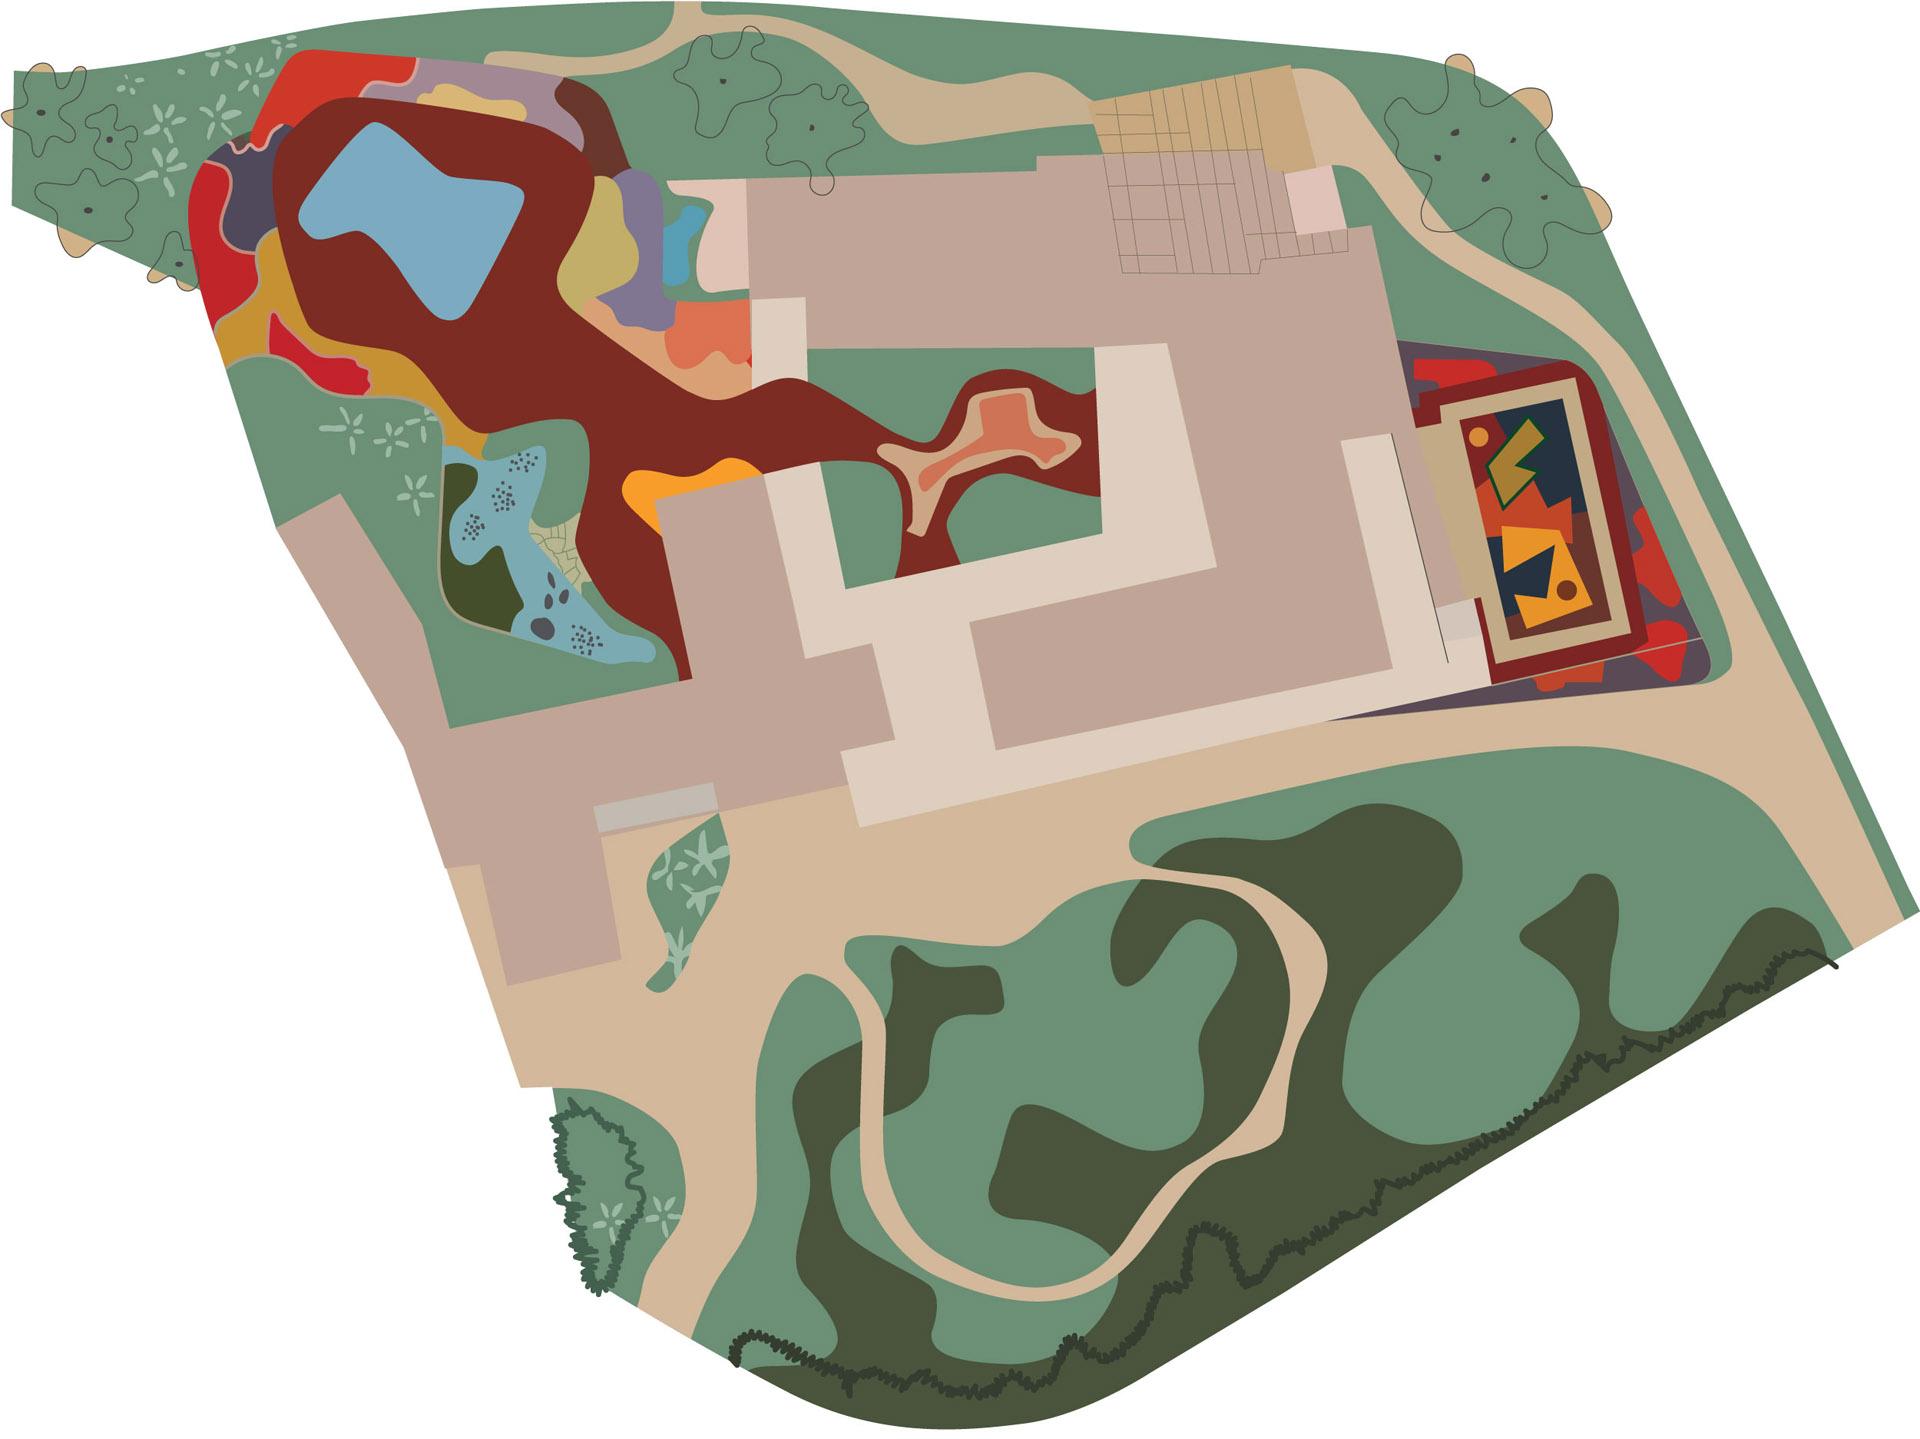 Mapa do jardim do IMS Rio, 1951. Pintura de Roberto Burle Marx